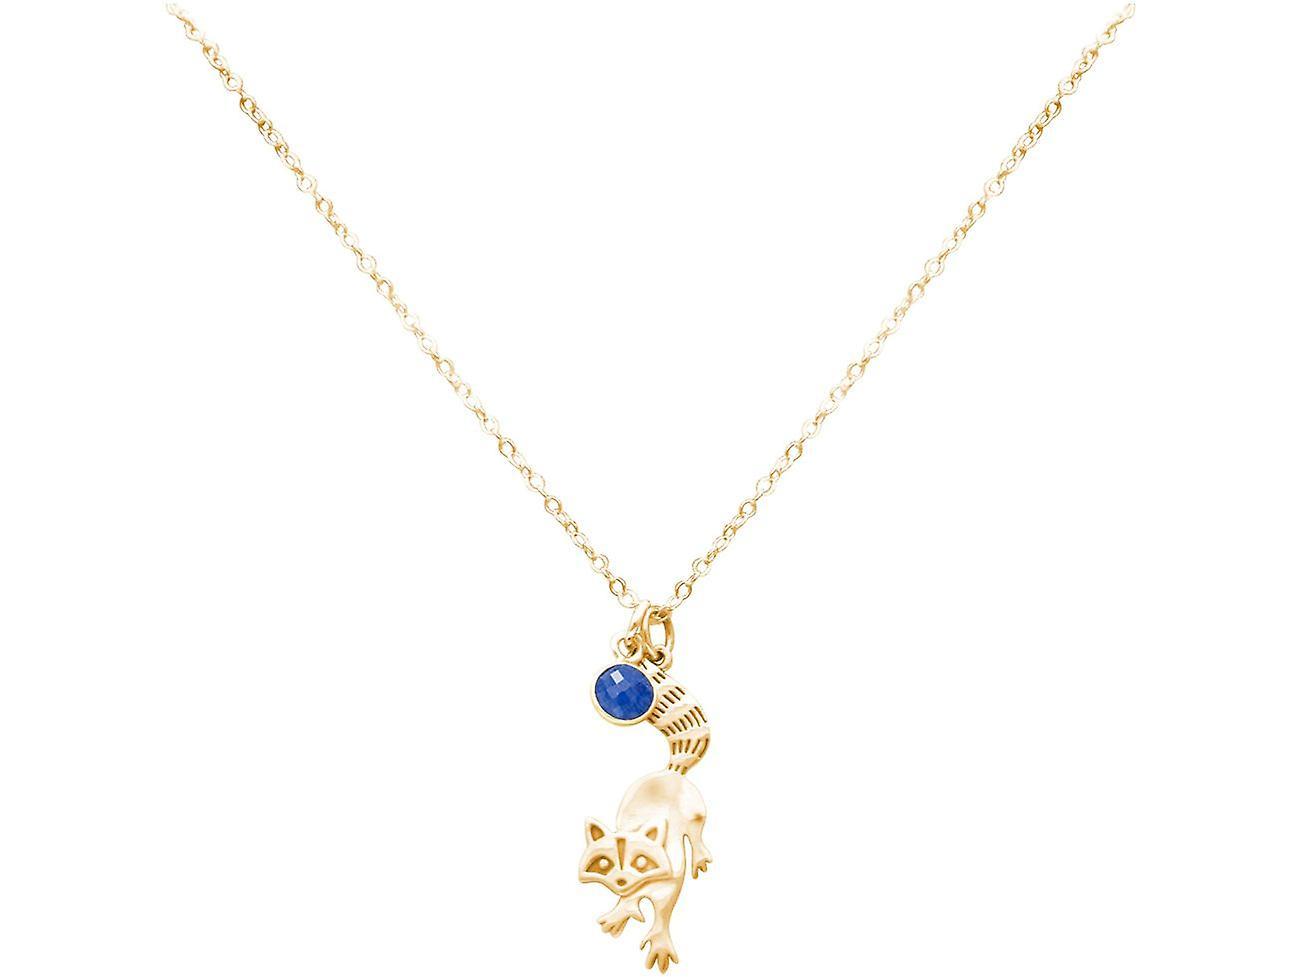 GEMSHINE Waschbär Anhänger 925 Silber, vergoldet oder rose mit blauem Saphir